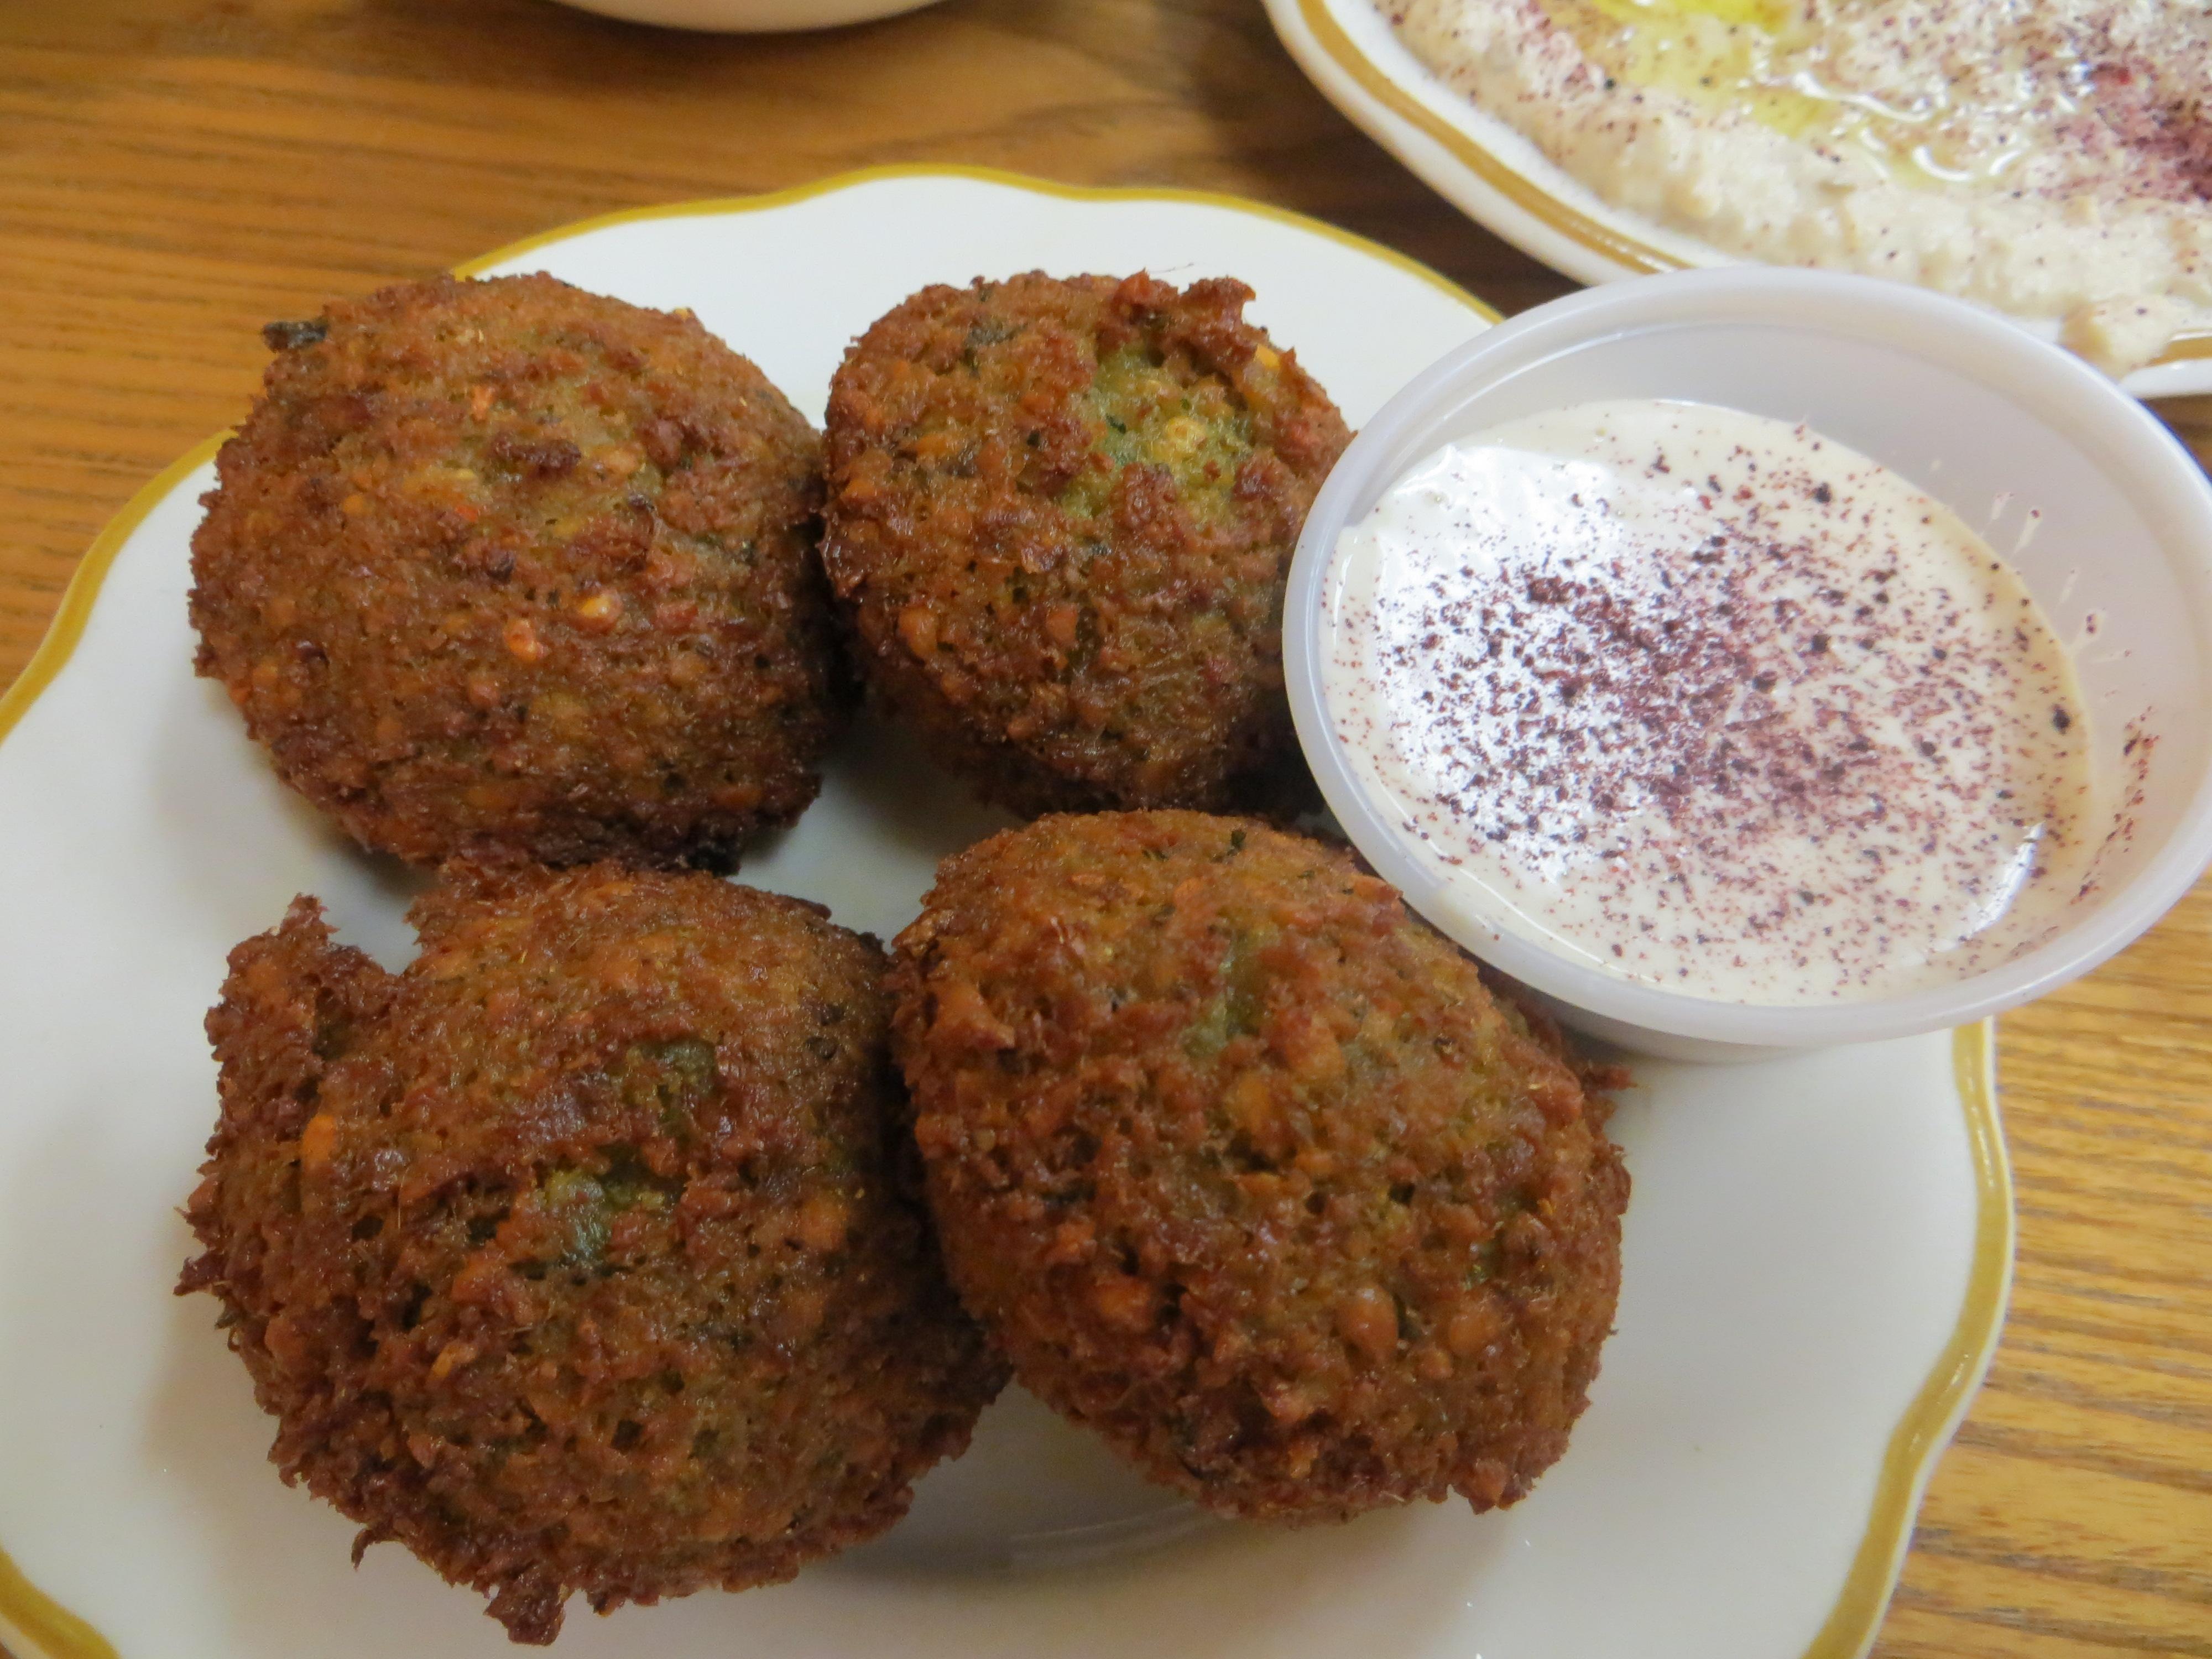 Blue apron falafel - Crispy Light Flavor Packed Falafel Served With Tahini Sauce